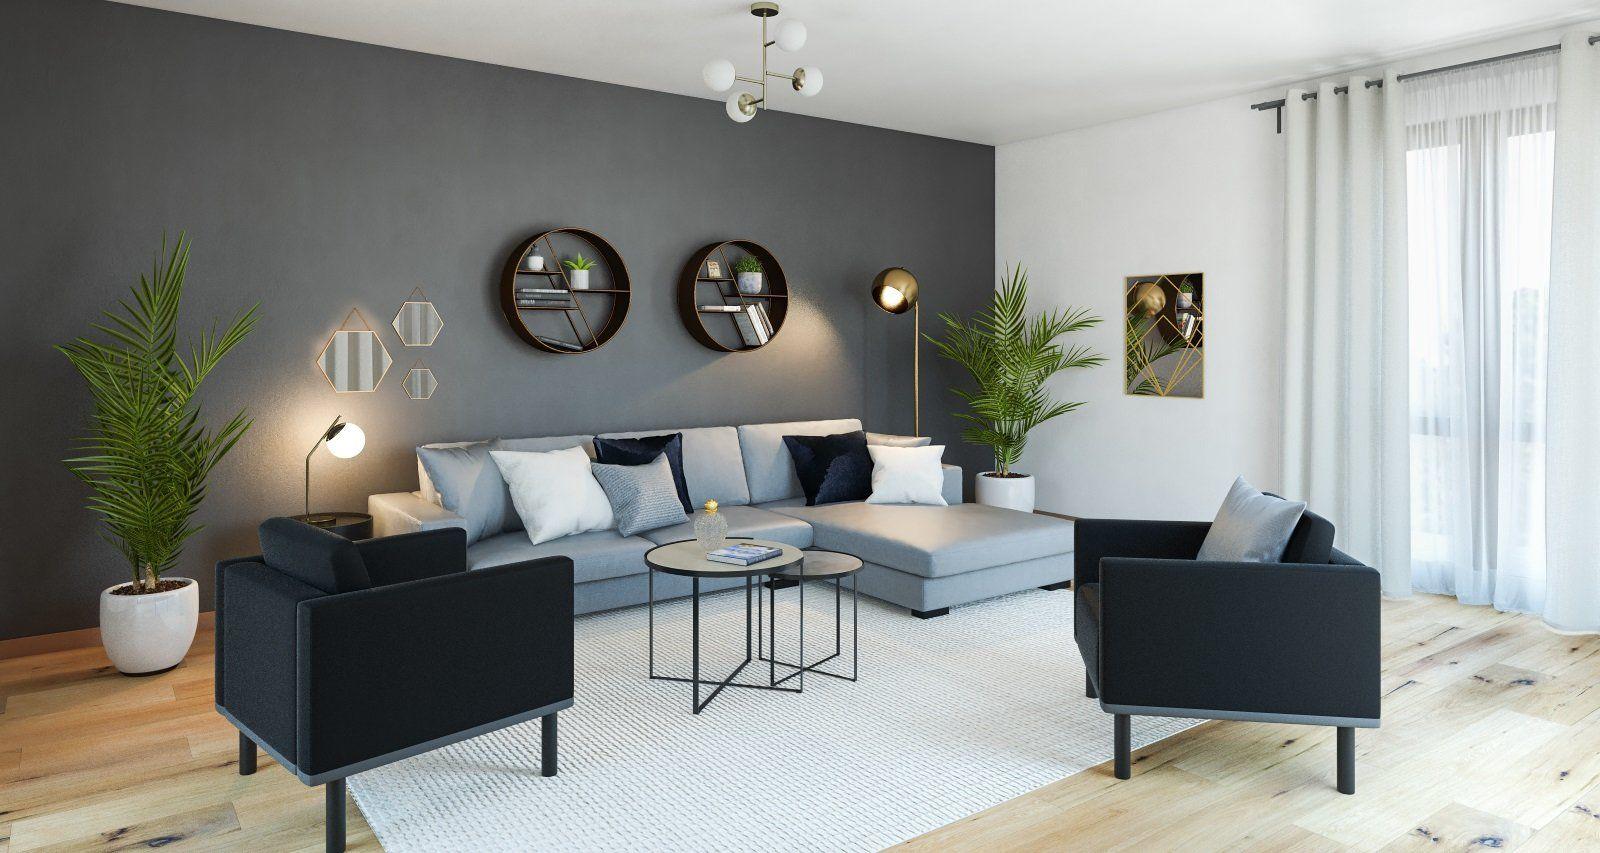 Salon contemporain scandinave gris blanc noir doré bois textile